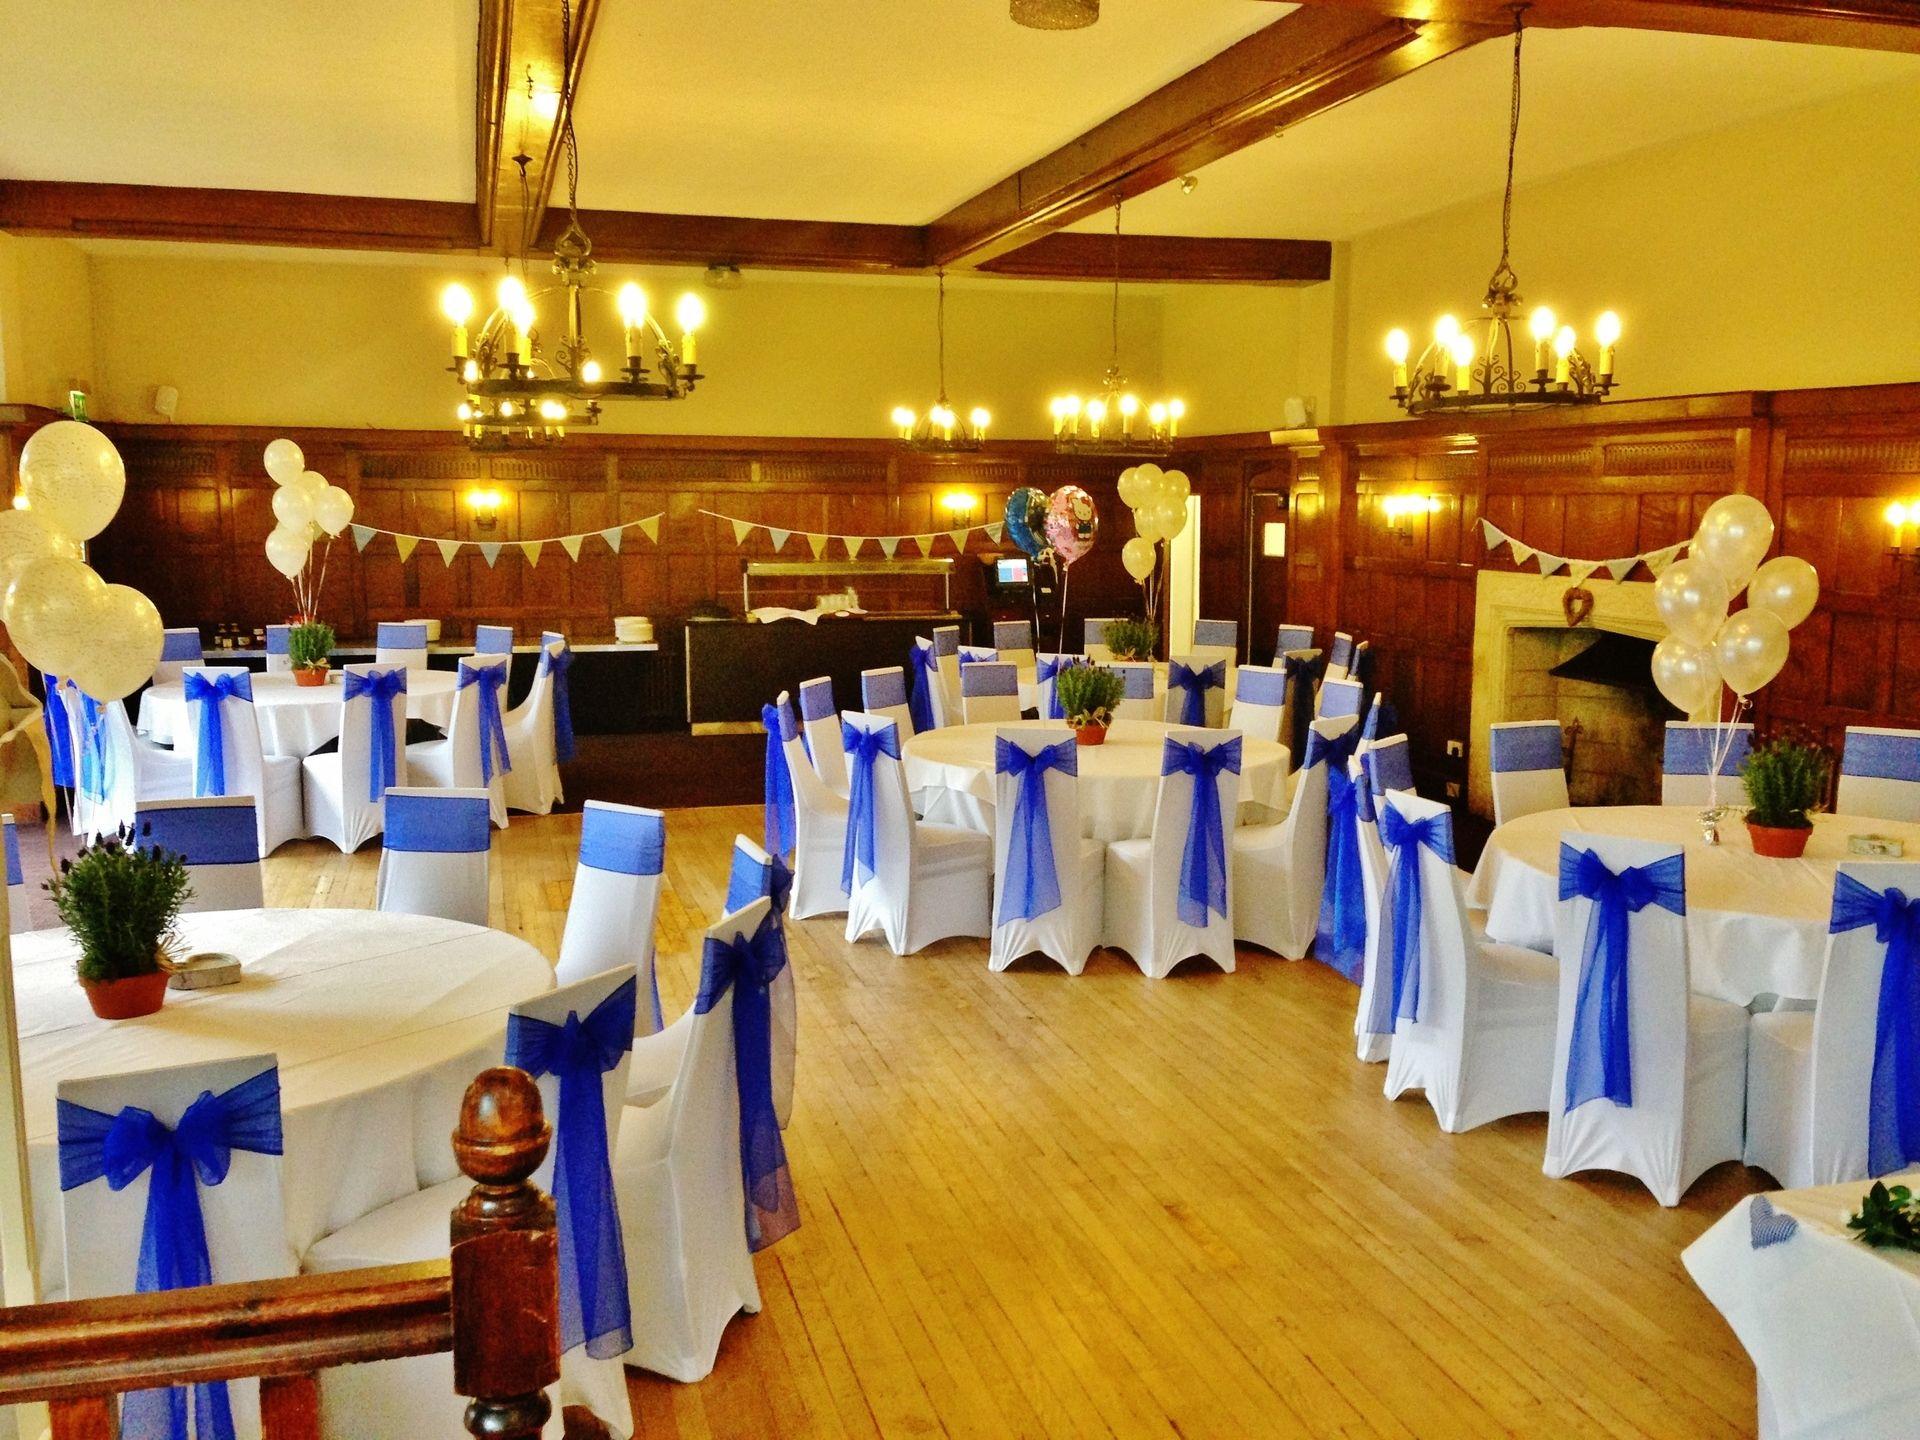 Wedding reception venues in banbury oxfordshire